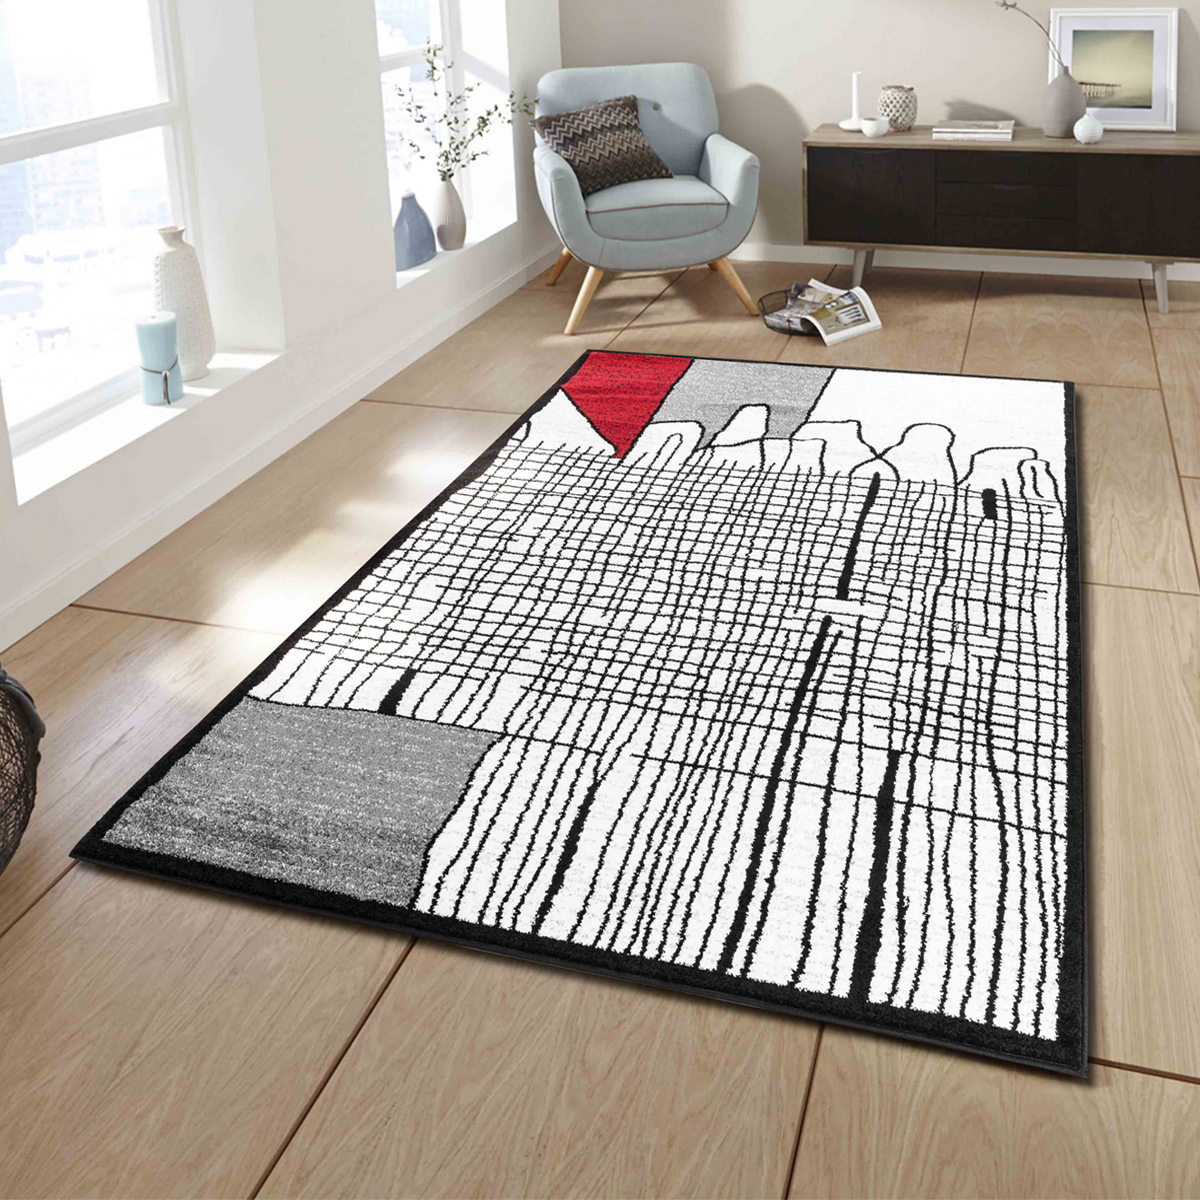 Tapis déco aux graphismes design - Rouge - 200 x 280 cm